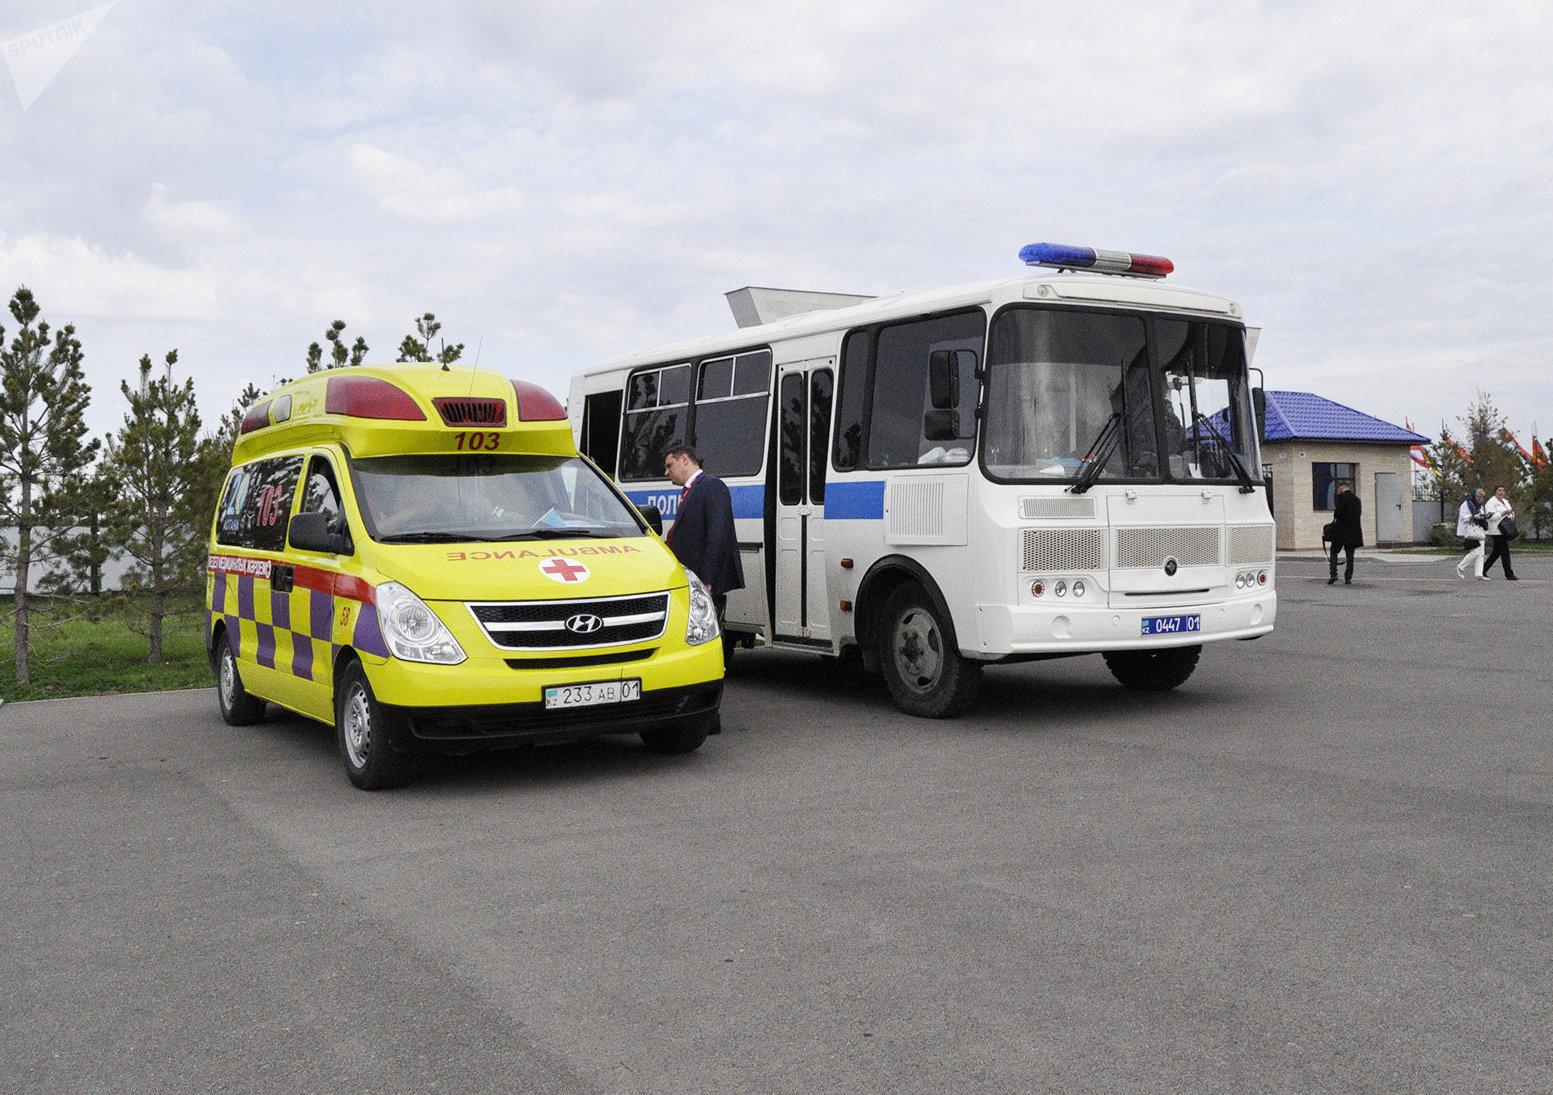 Скорая помощь и полиция дежурят на выставке KADEX